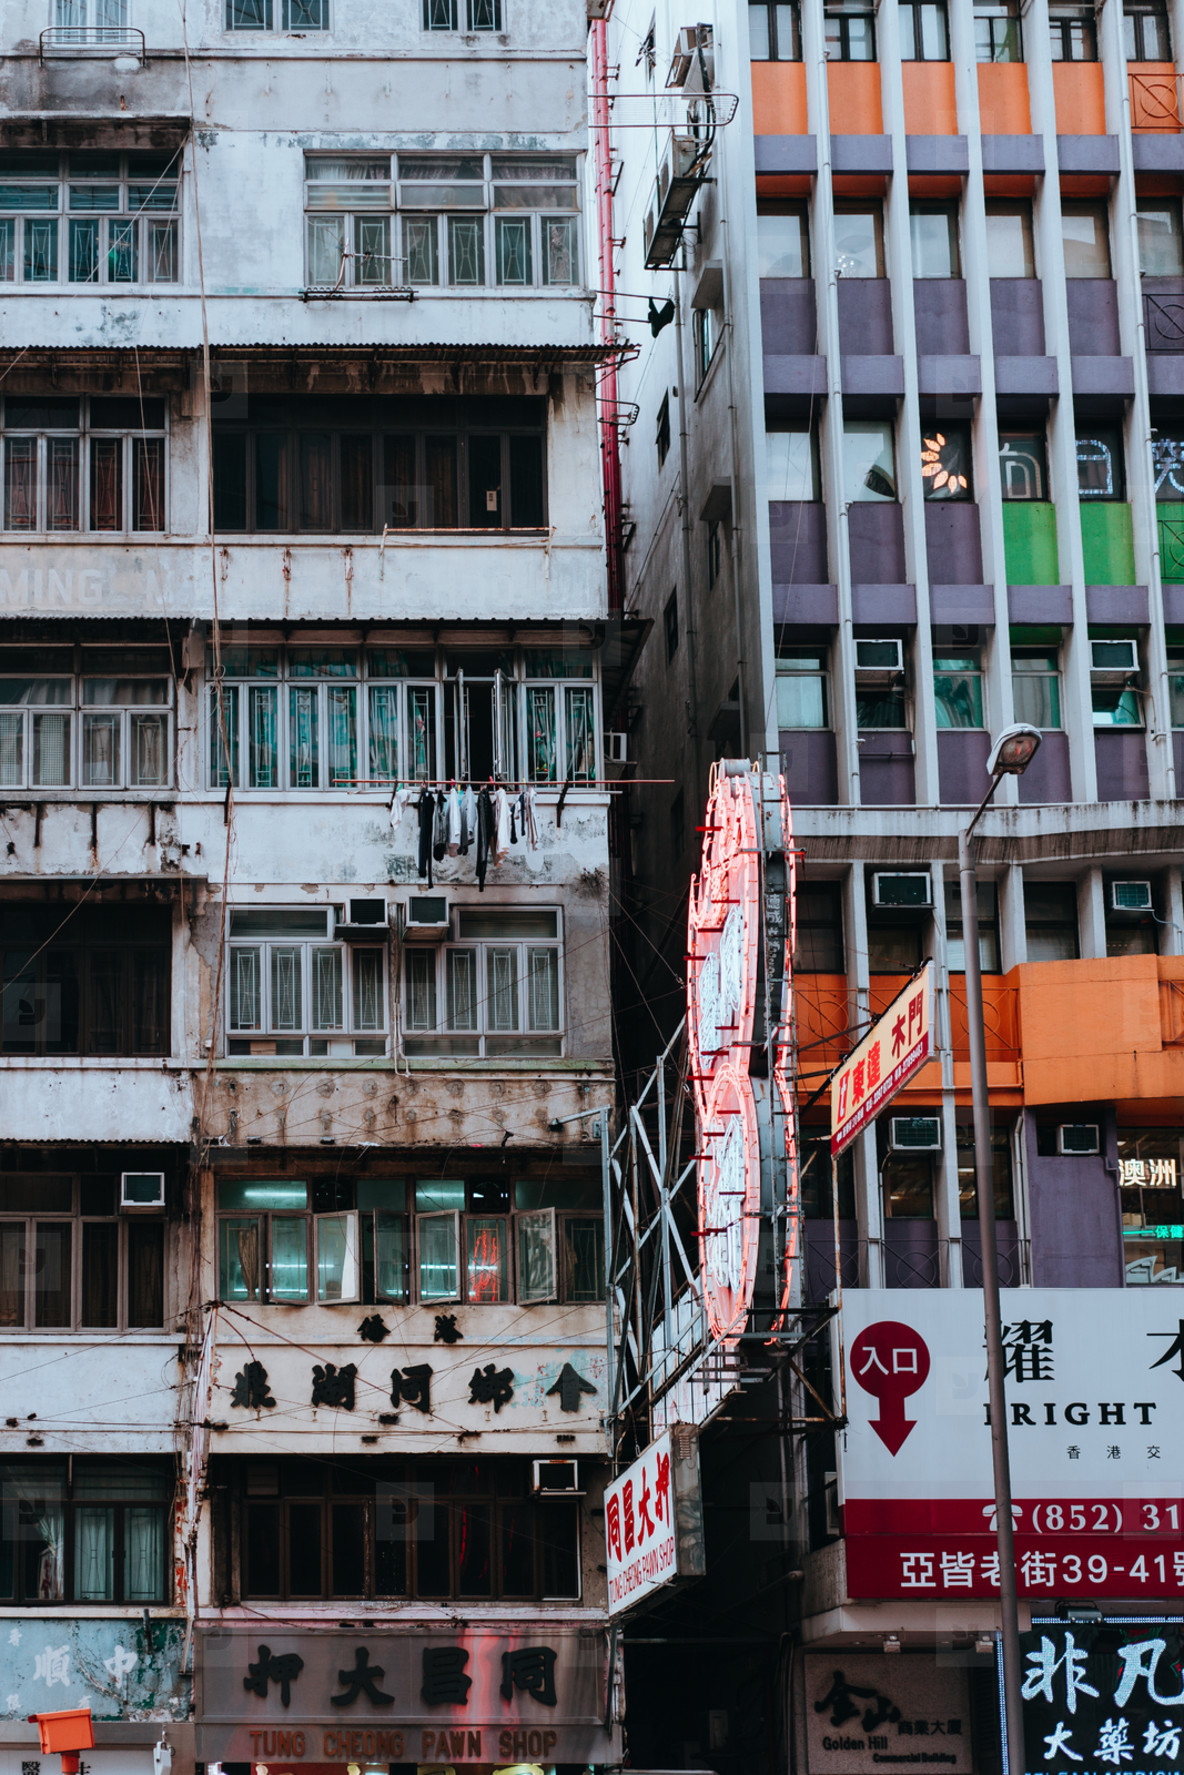 Hong Kong Visuals 44